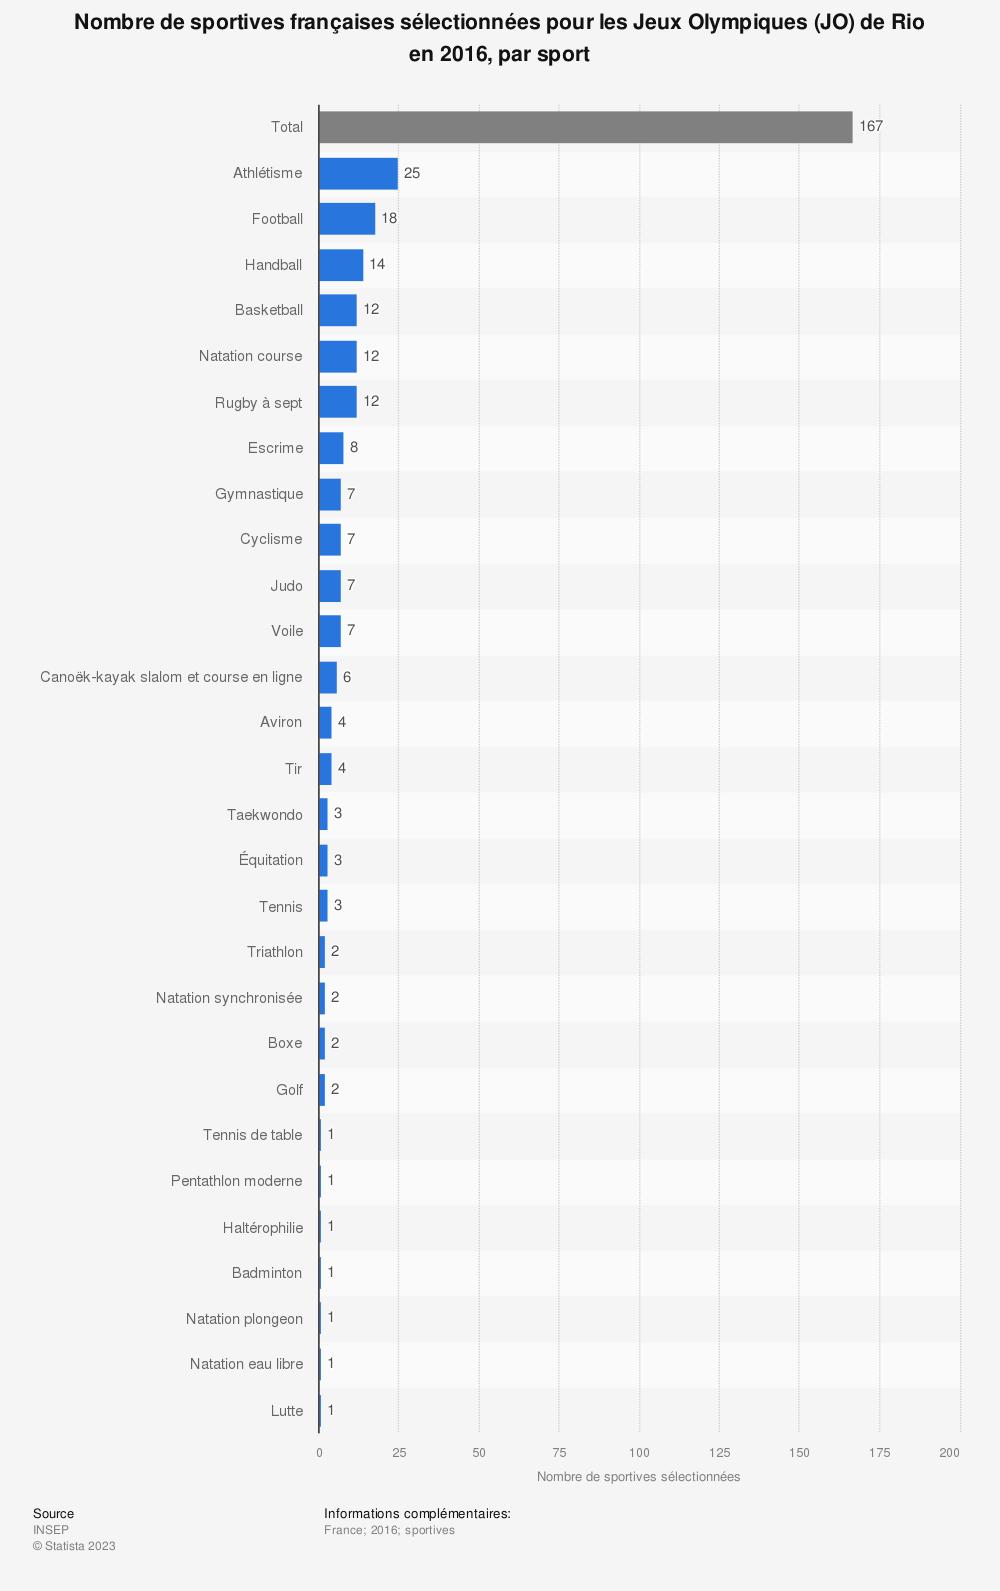 Statistique: Nombre de sportives françaises sélectionnées pour les Jeux Olympiques (JO) de Rio en 2016, par sport | Statista